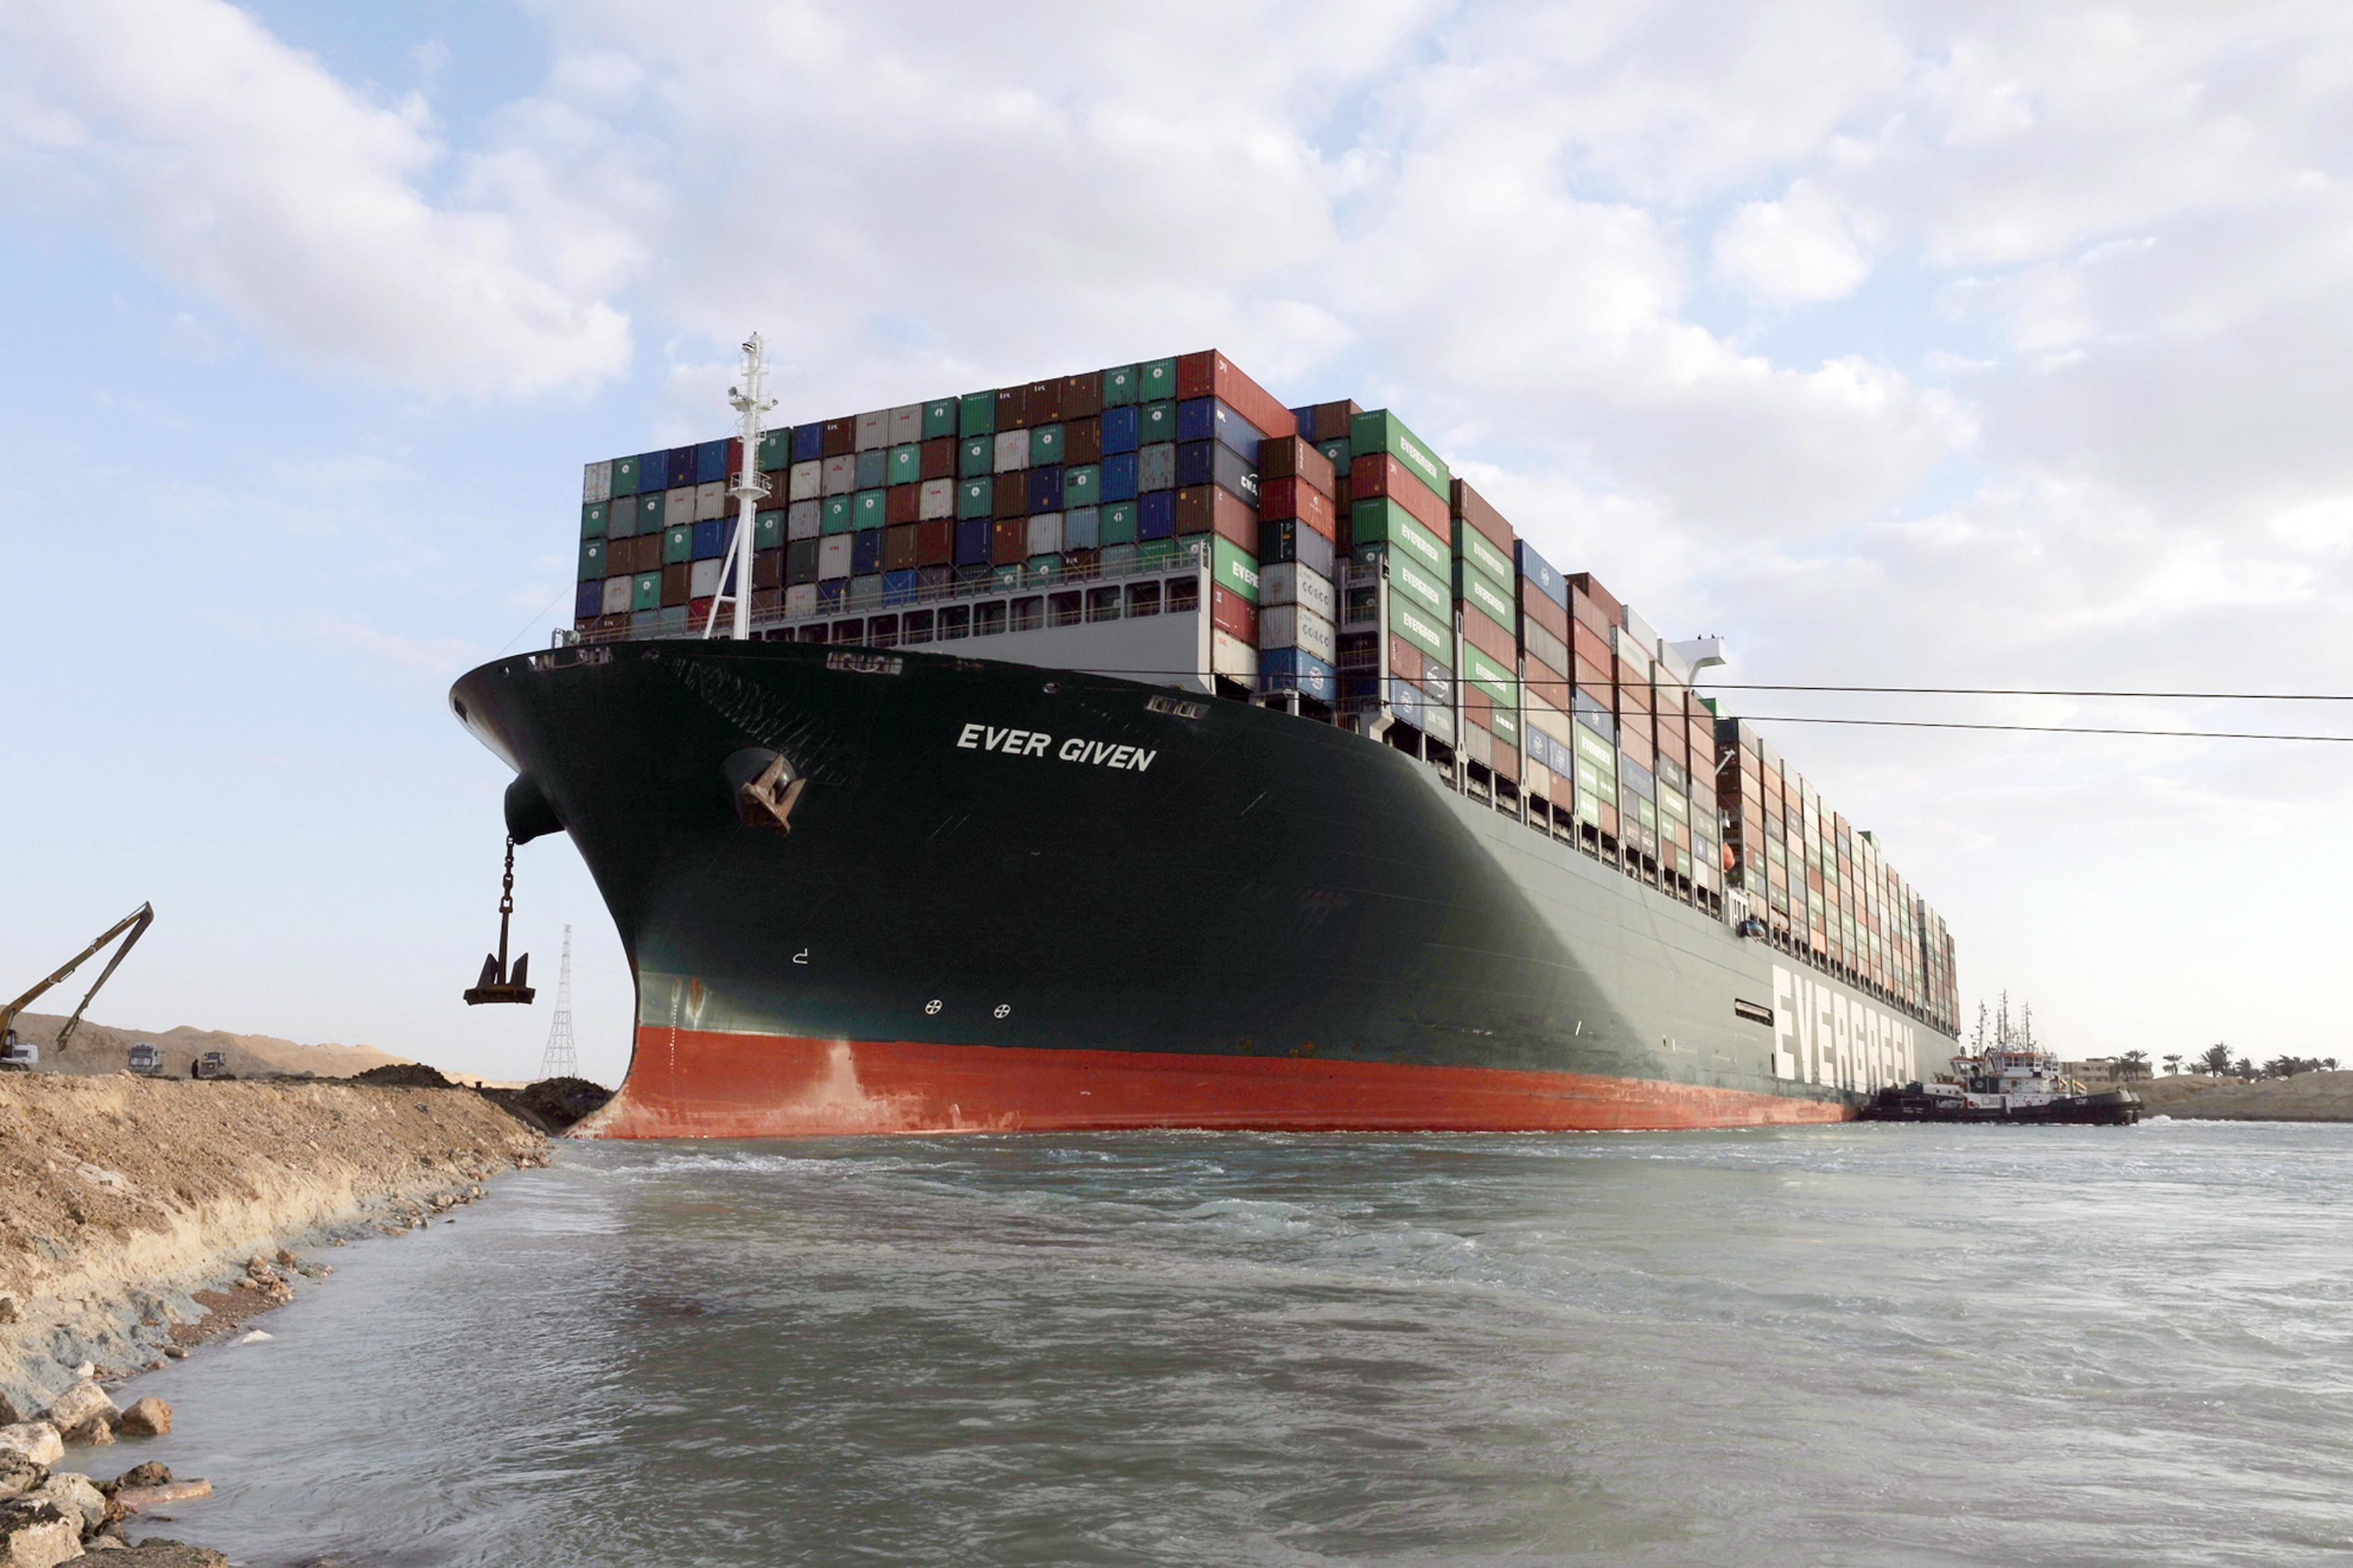 Canalul Suez, complet blocat de o navă înţepenită. Ce se întâmplă cu zecile de mii de oi din România